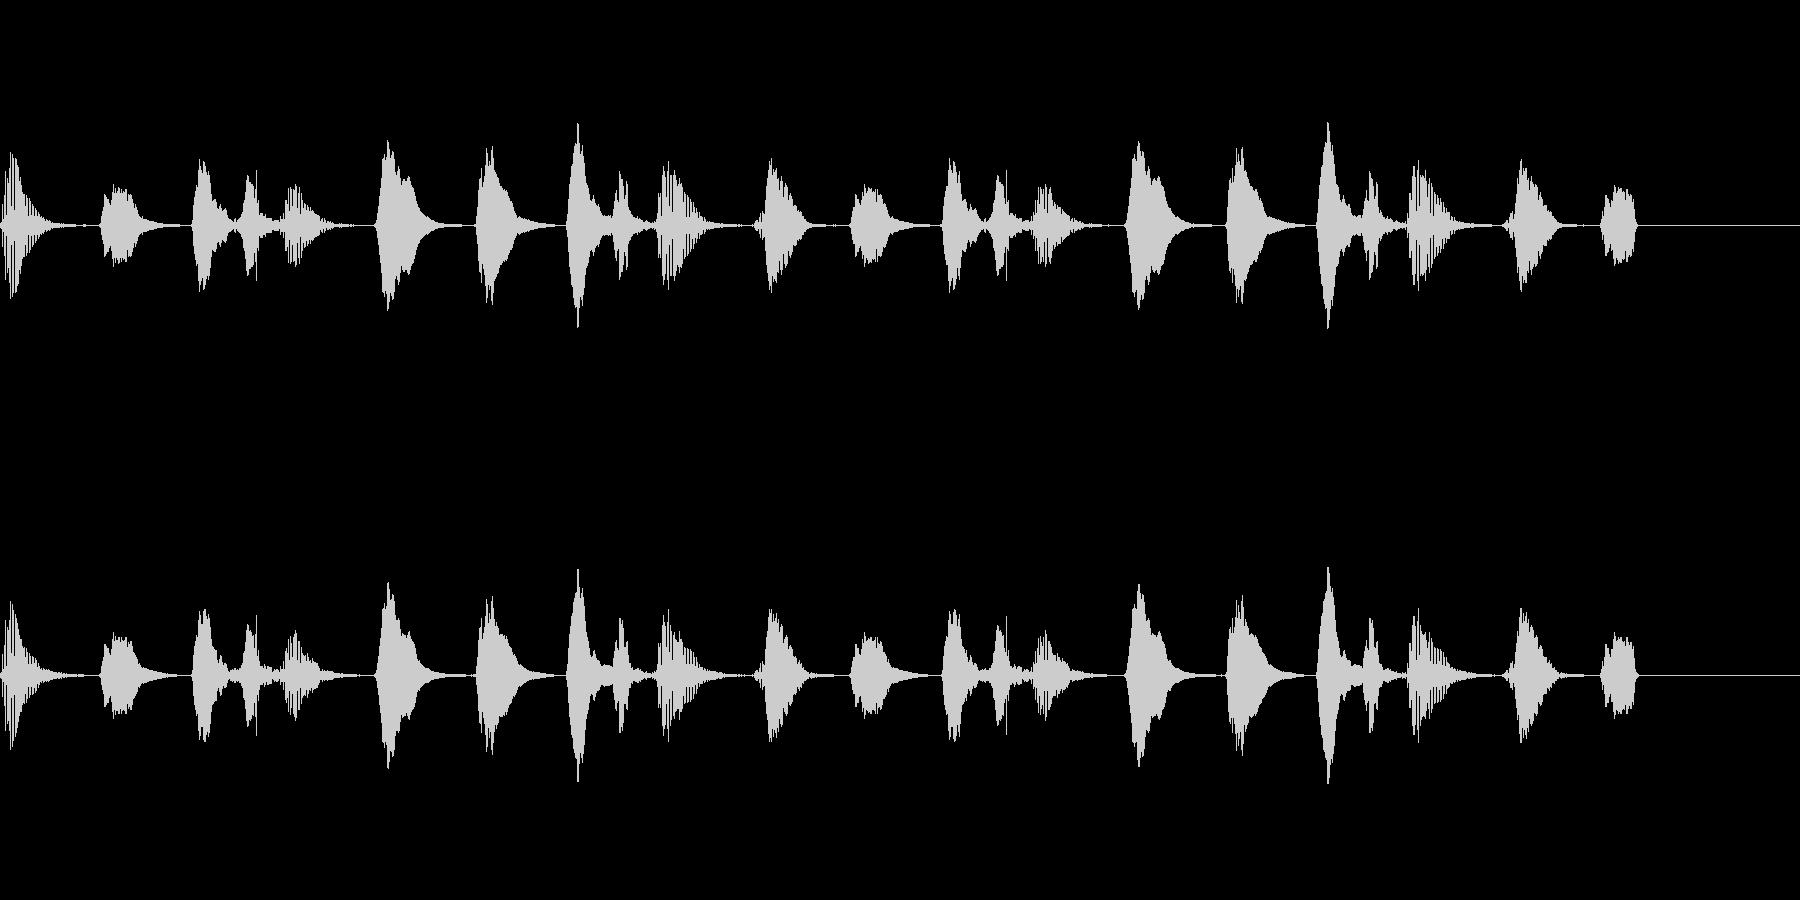 【SE 効果音】ラッパの未再生の波形